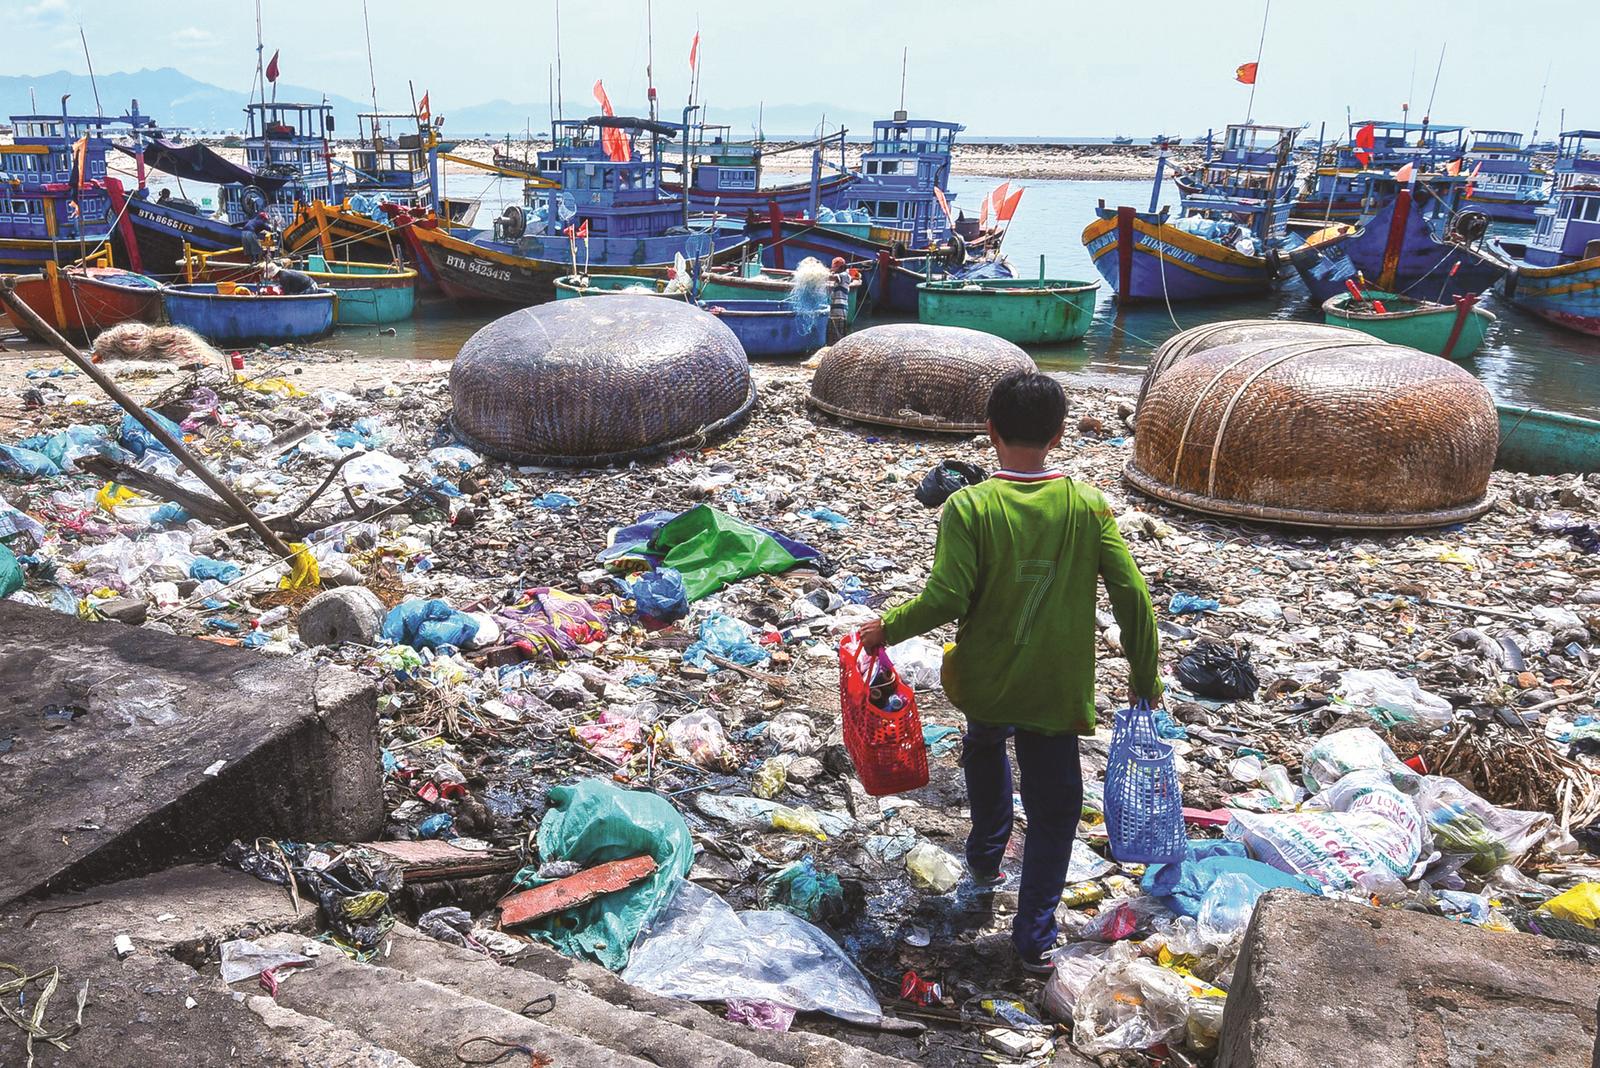 Xử lý rác thải nhựa: Thúc đẩy kinh tế nhựa tuần hoàn